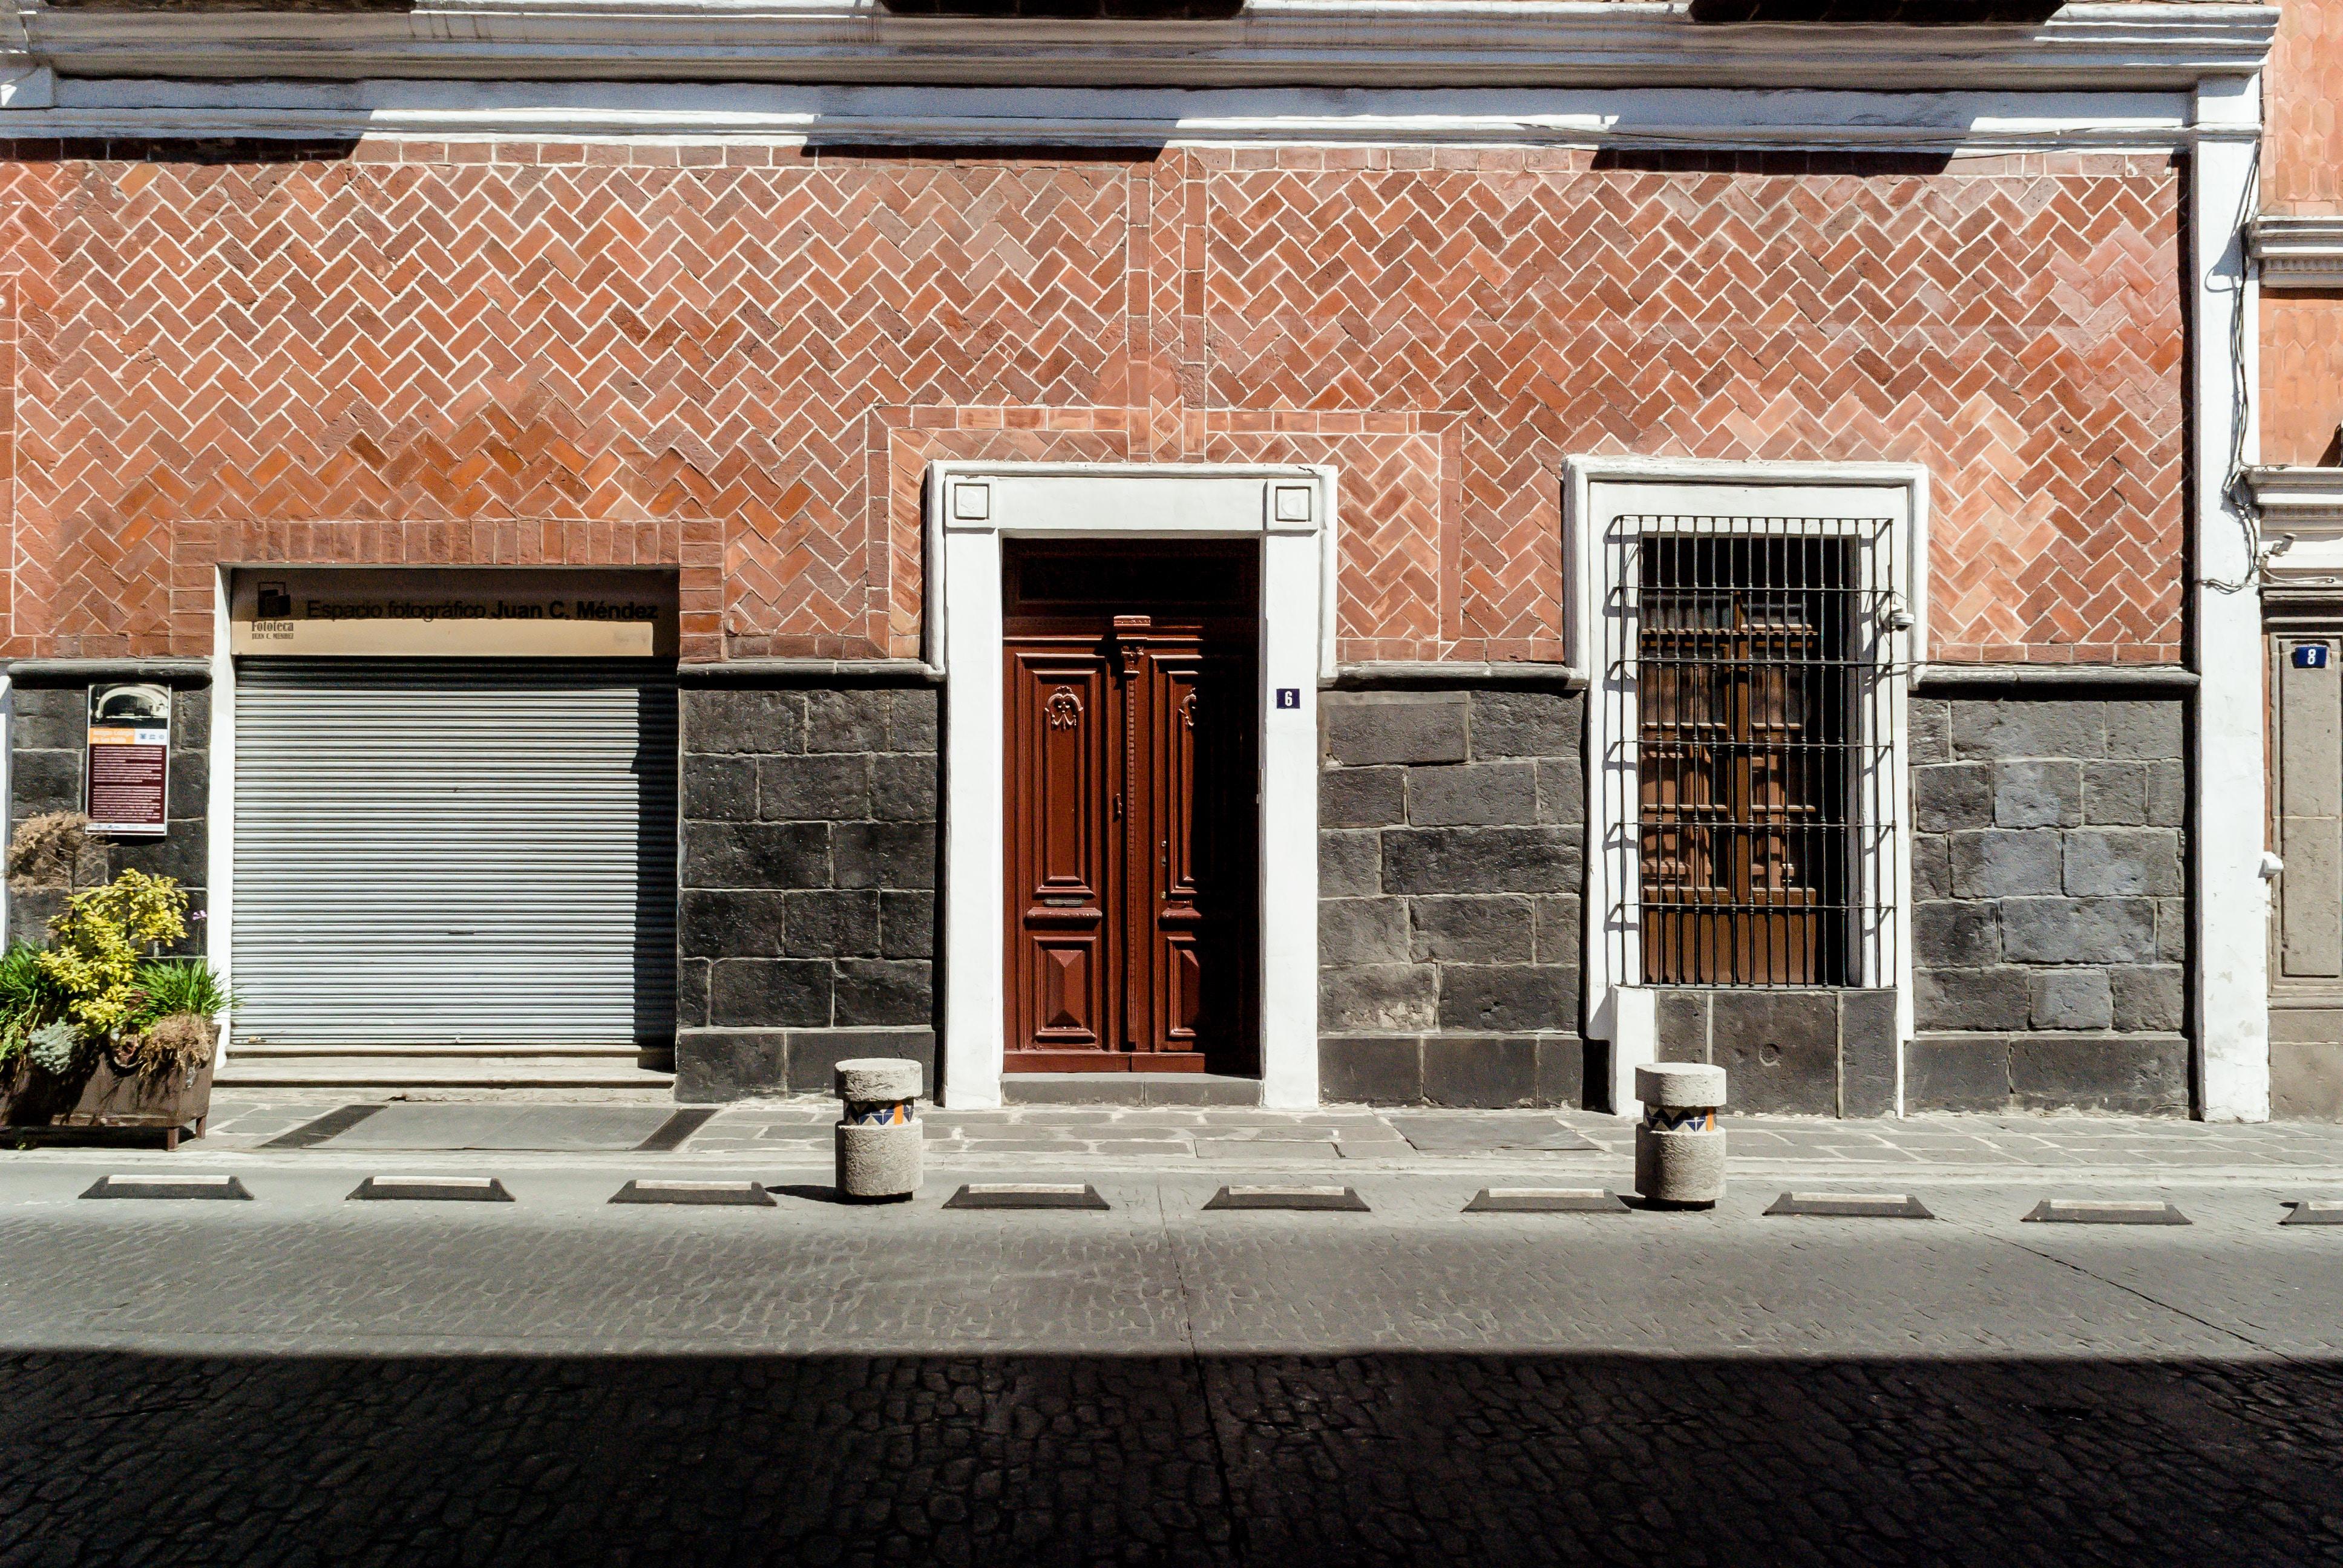 photo of closed brown wooden door beside roller shutter